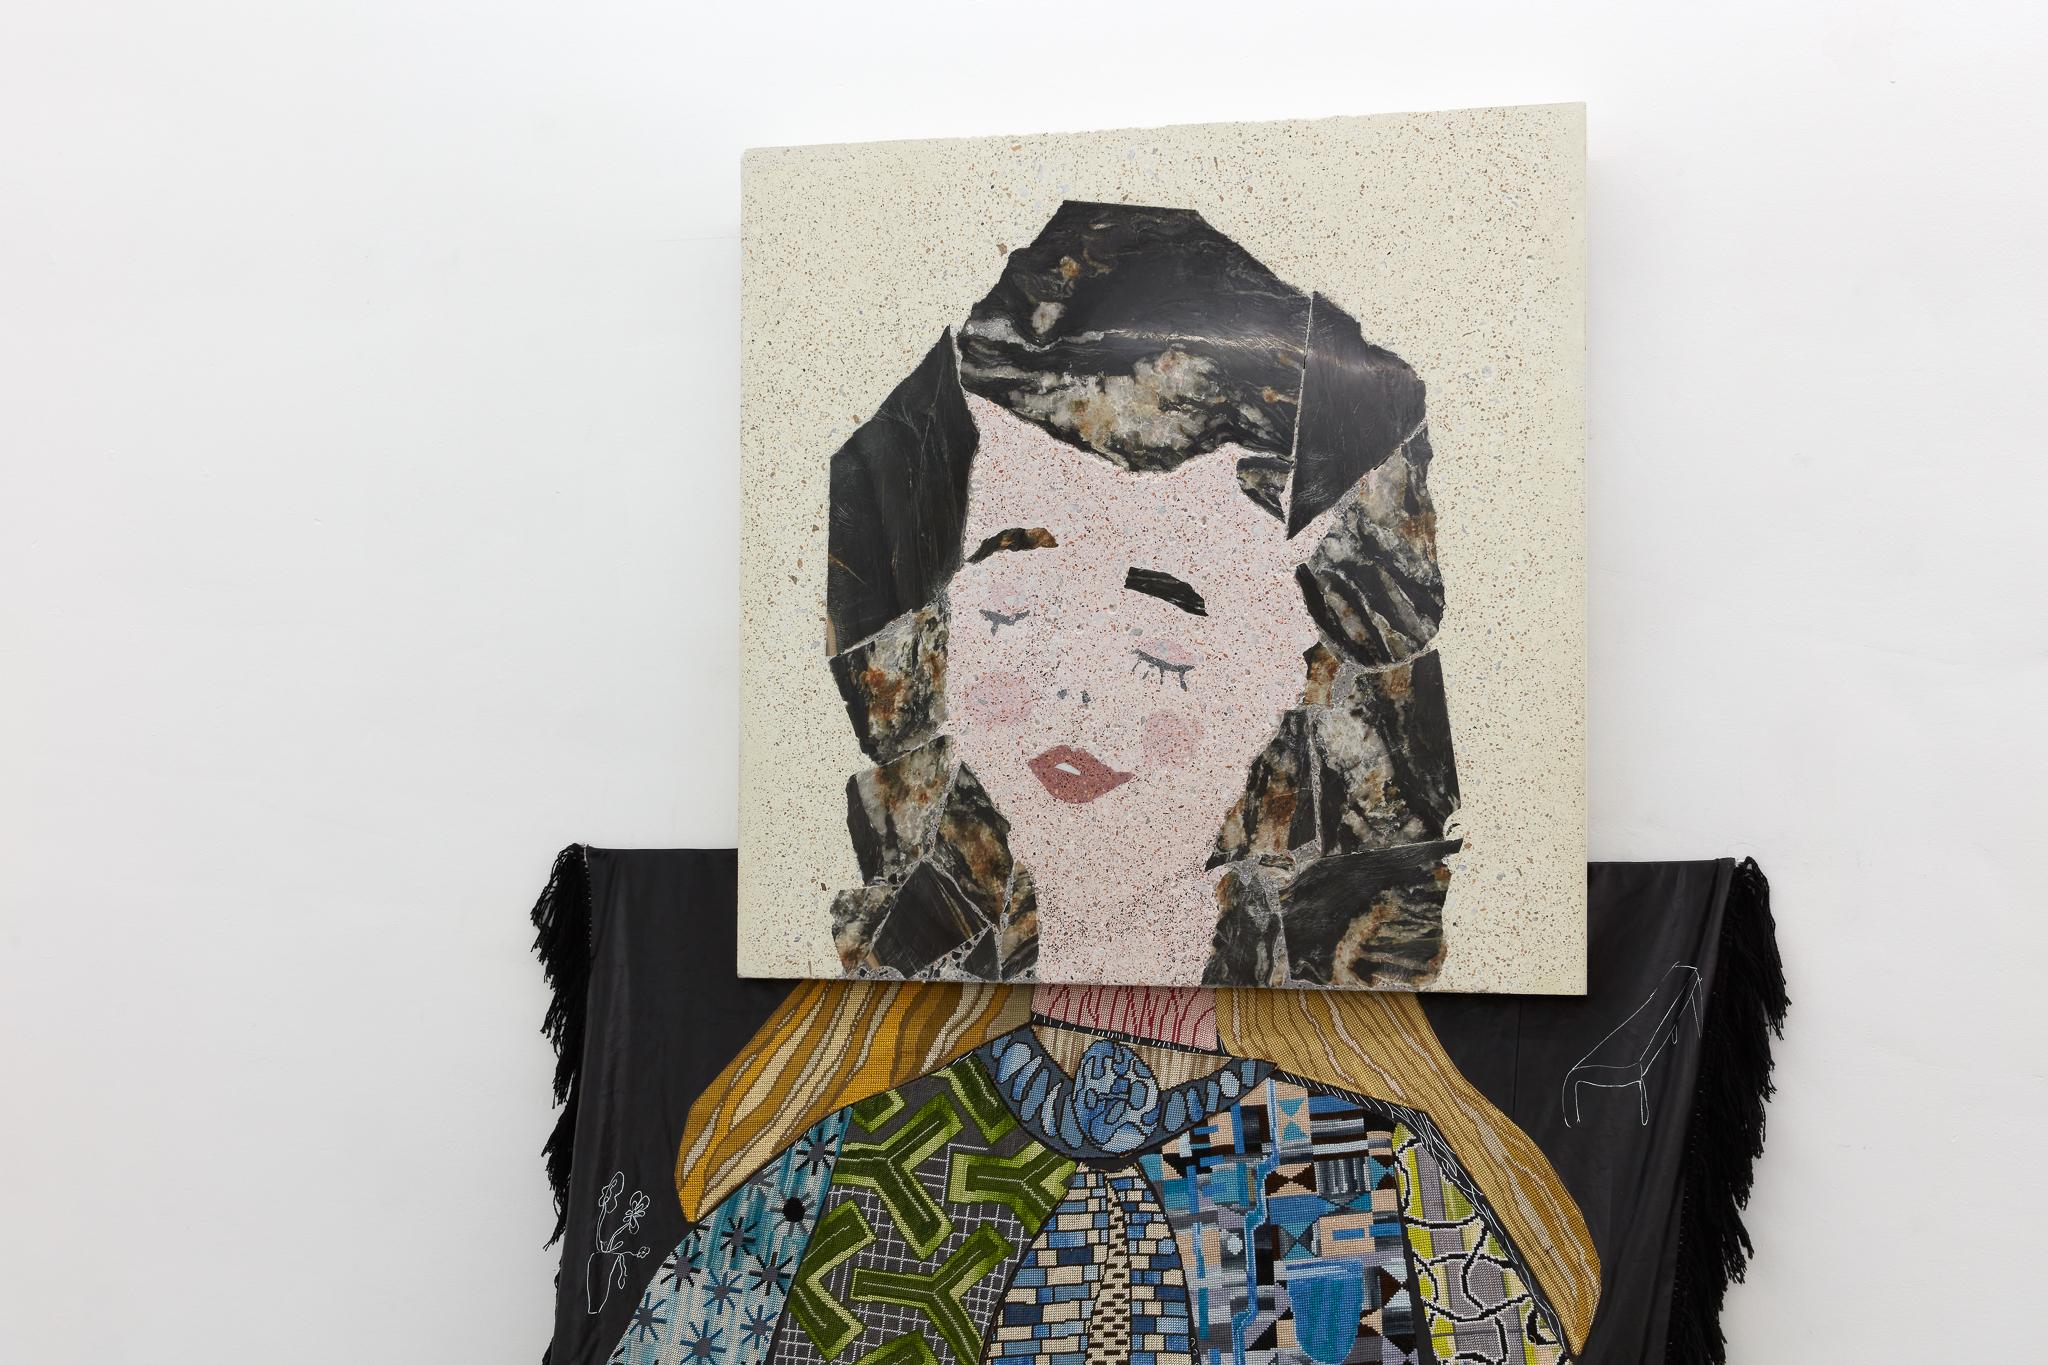 Klaas Rommelaere x Manon Kündig at DMW Gallery, Antwerp